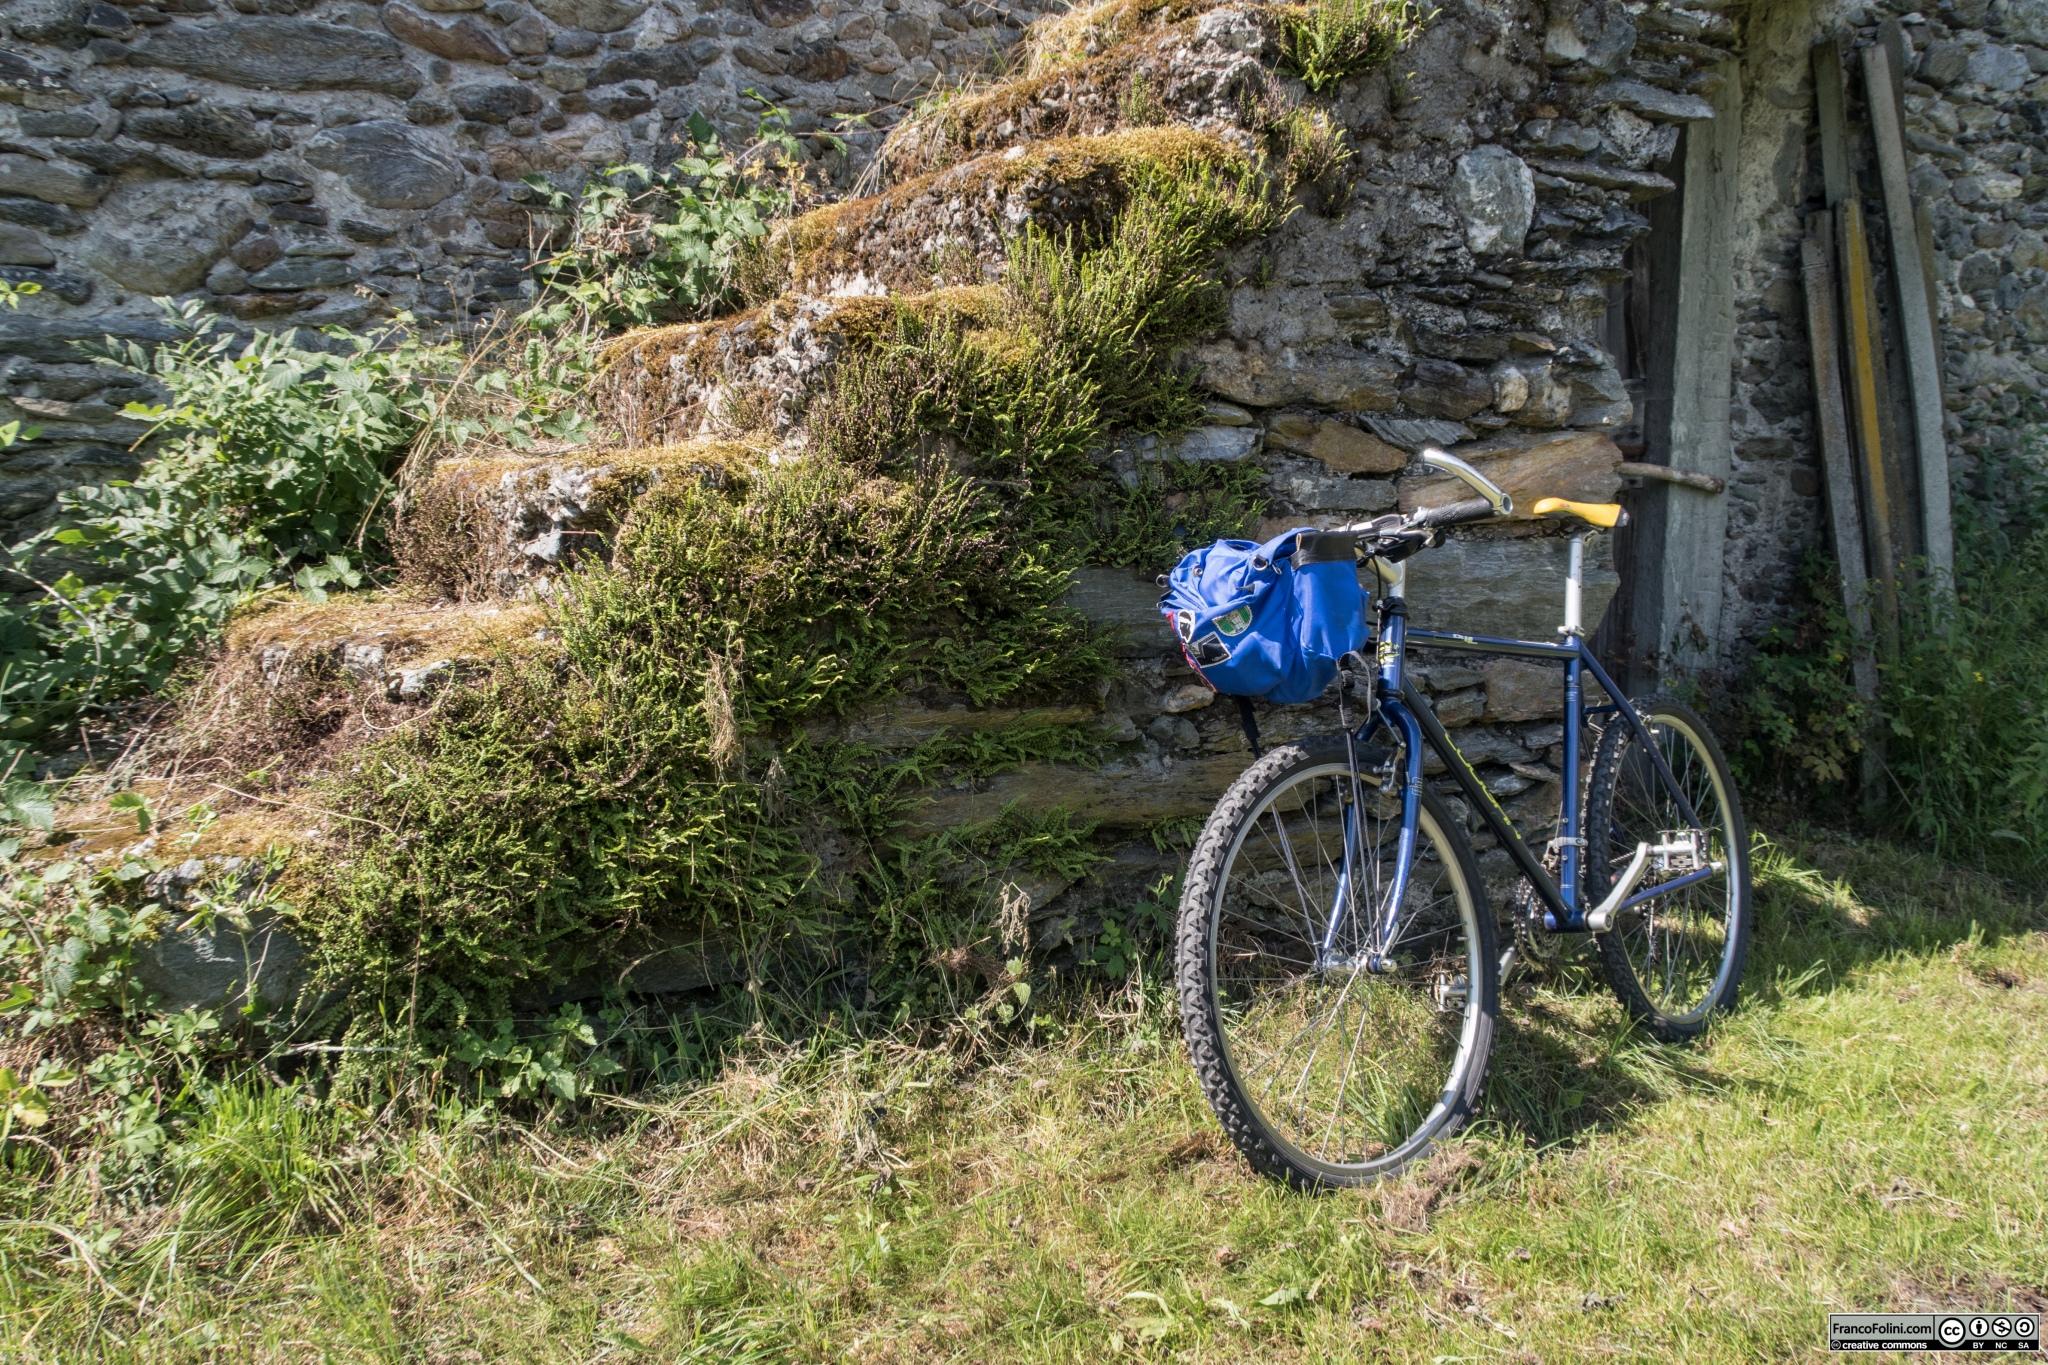 Sentiero Valtellina: una delle tante case rurali che si incontrano nel territorio del \comune di Castello dell'Acqua